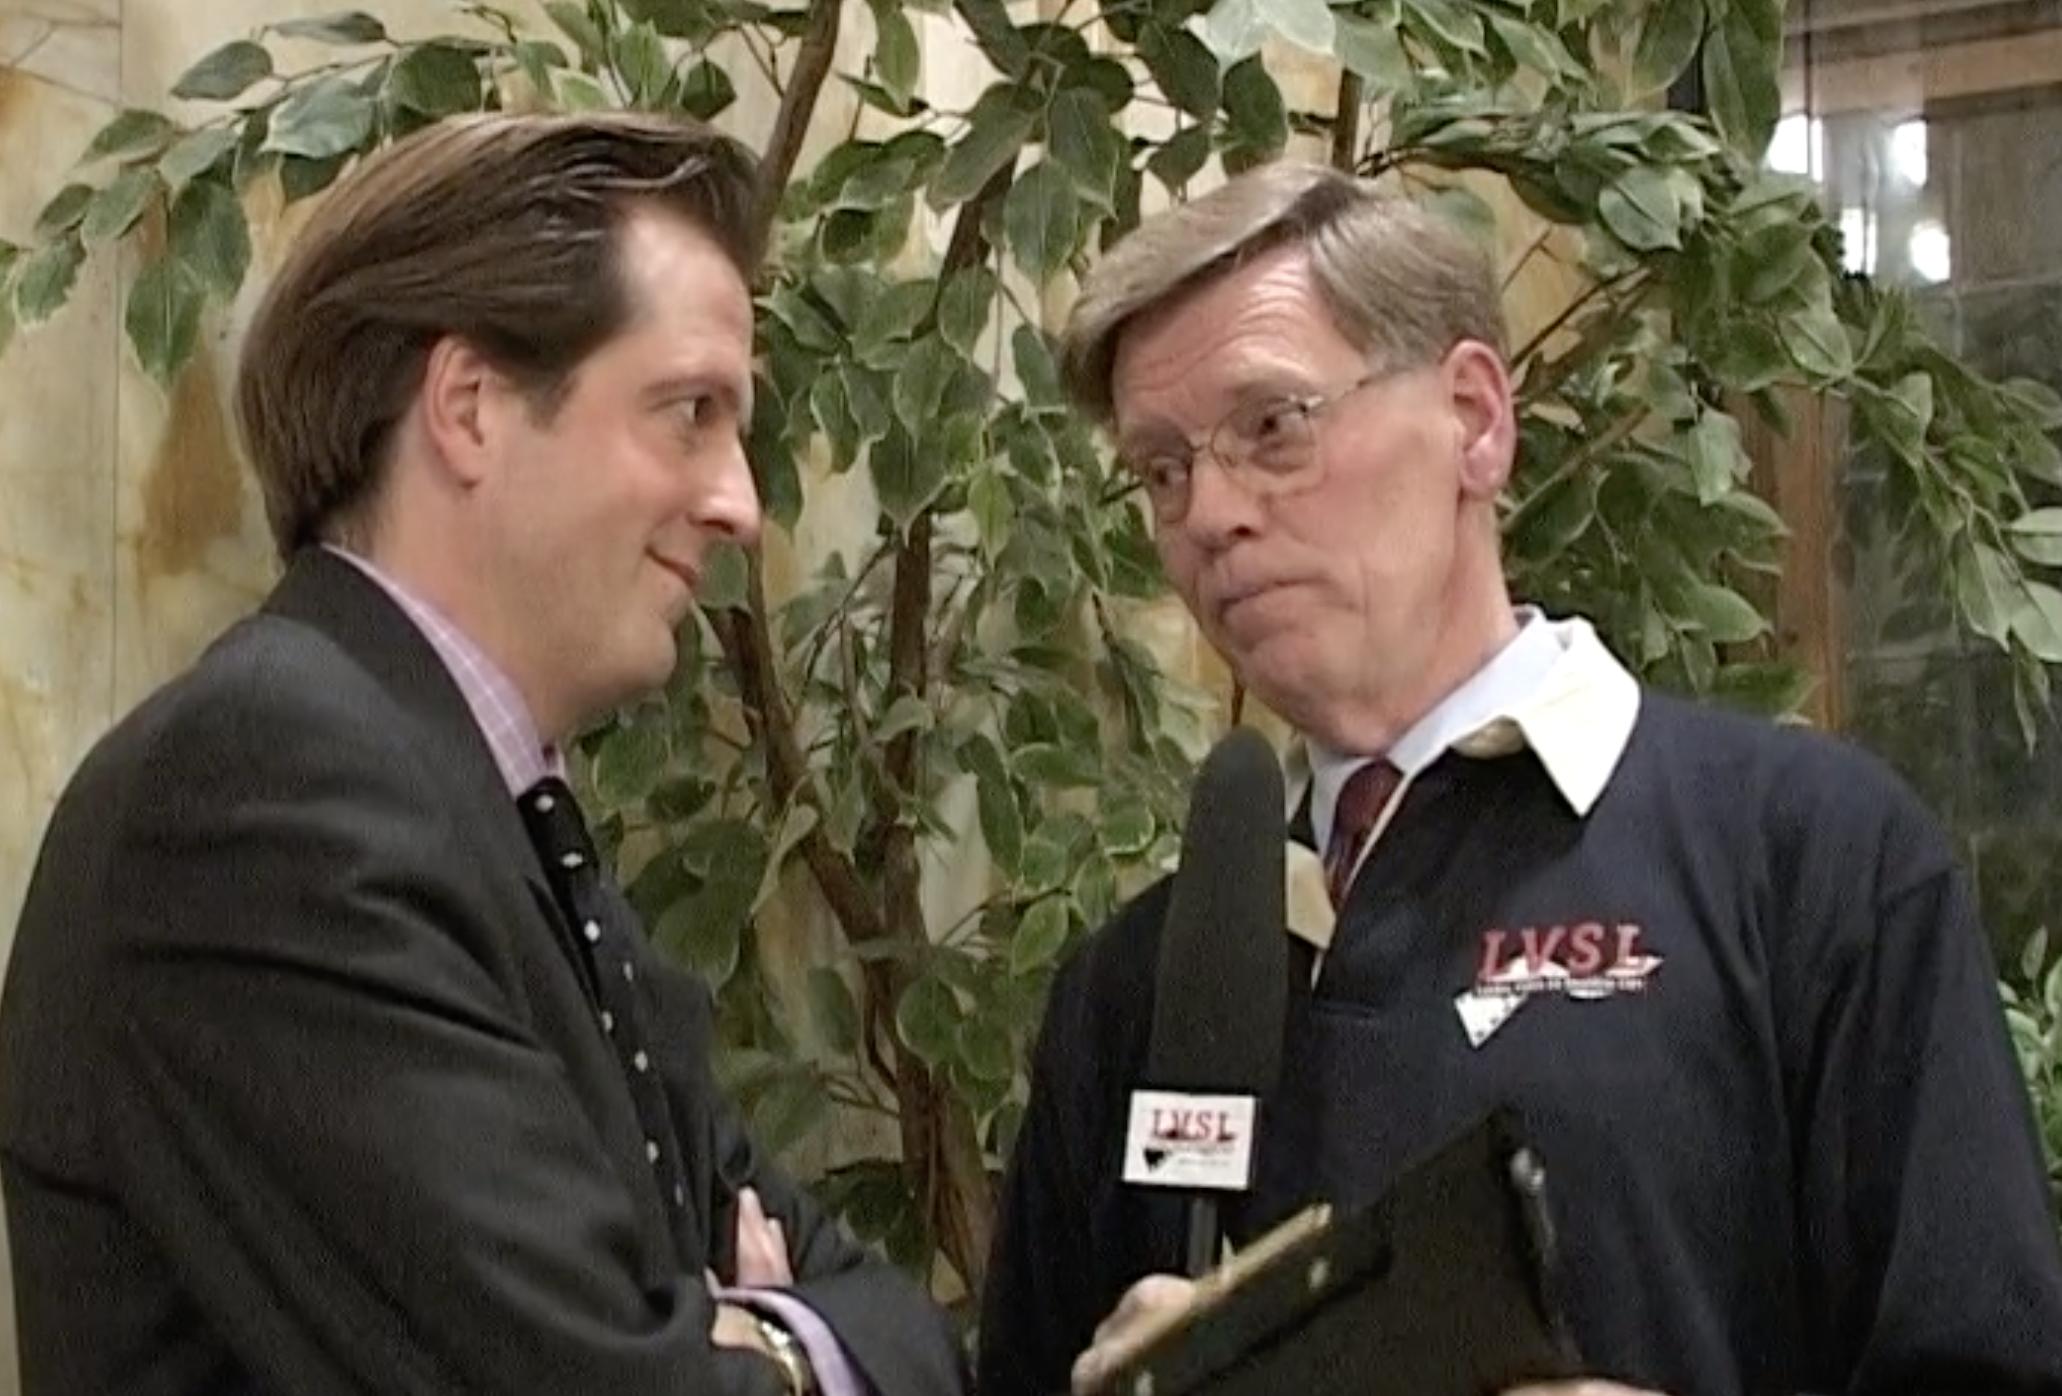 Bewegend Verleden: het plan voor de Leidse Aalmarkt, 2002 [video]